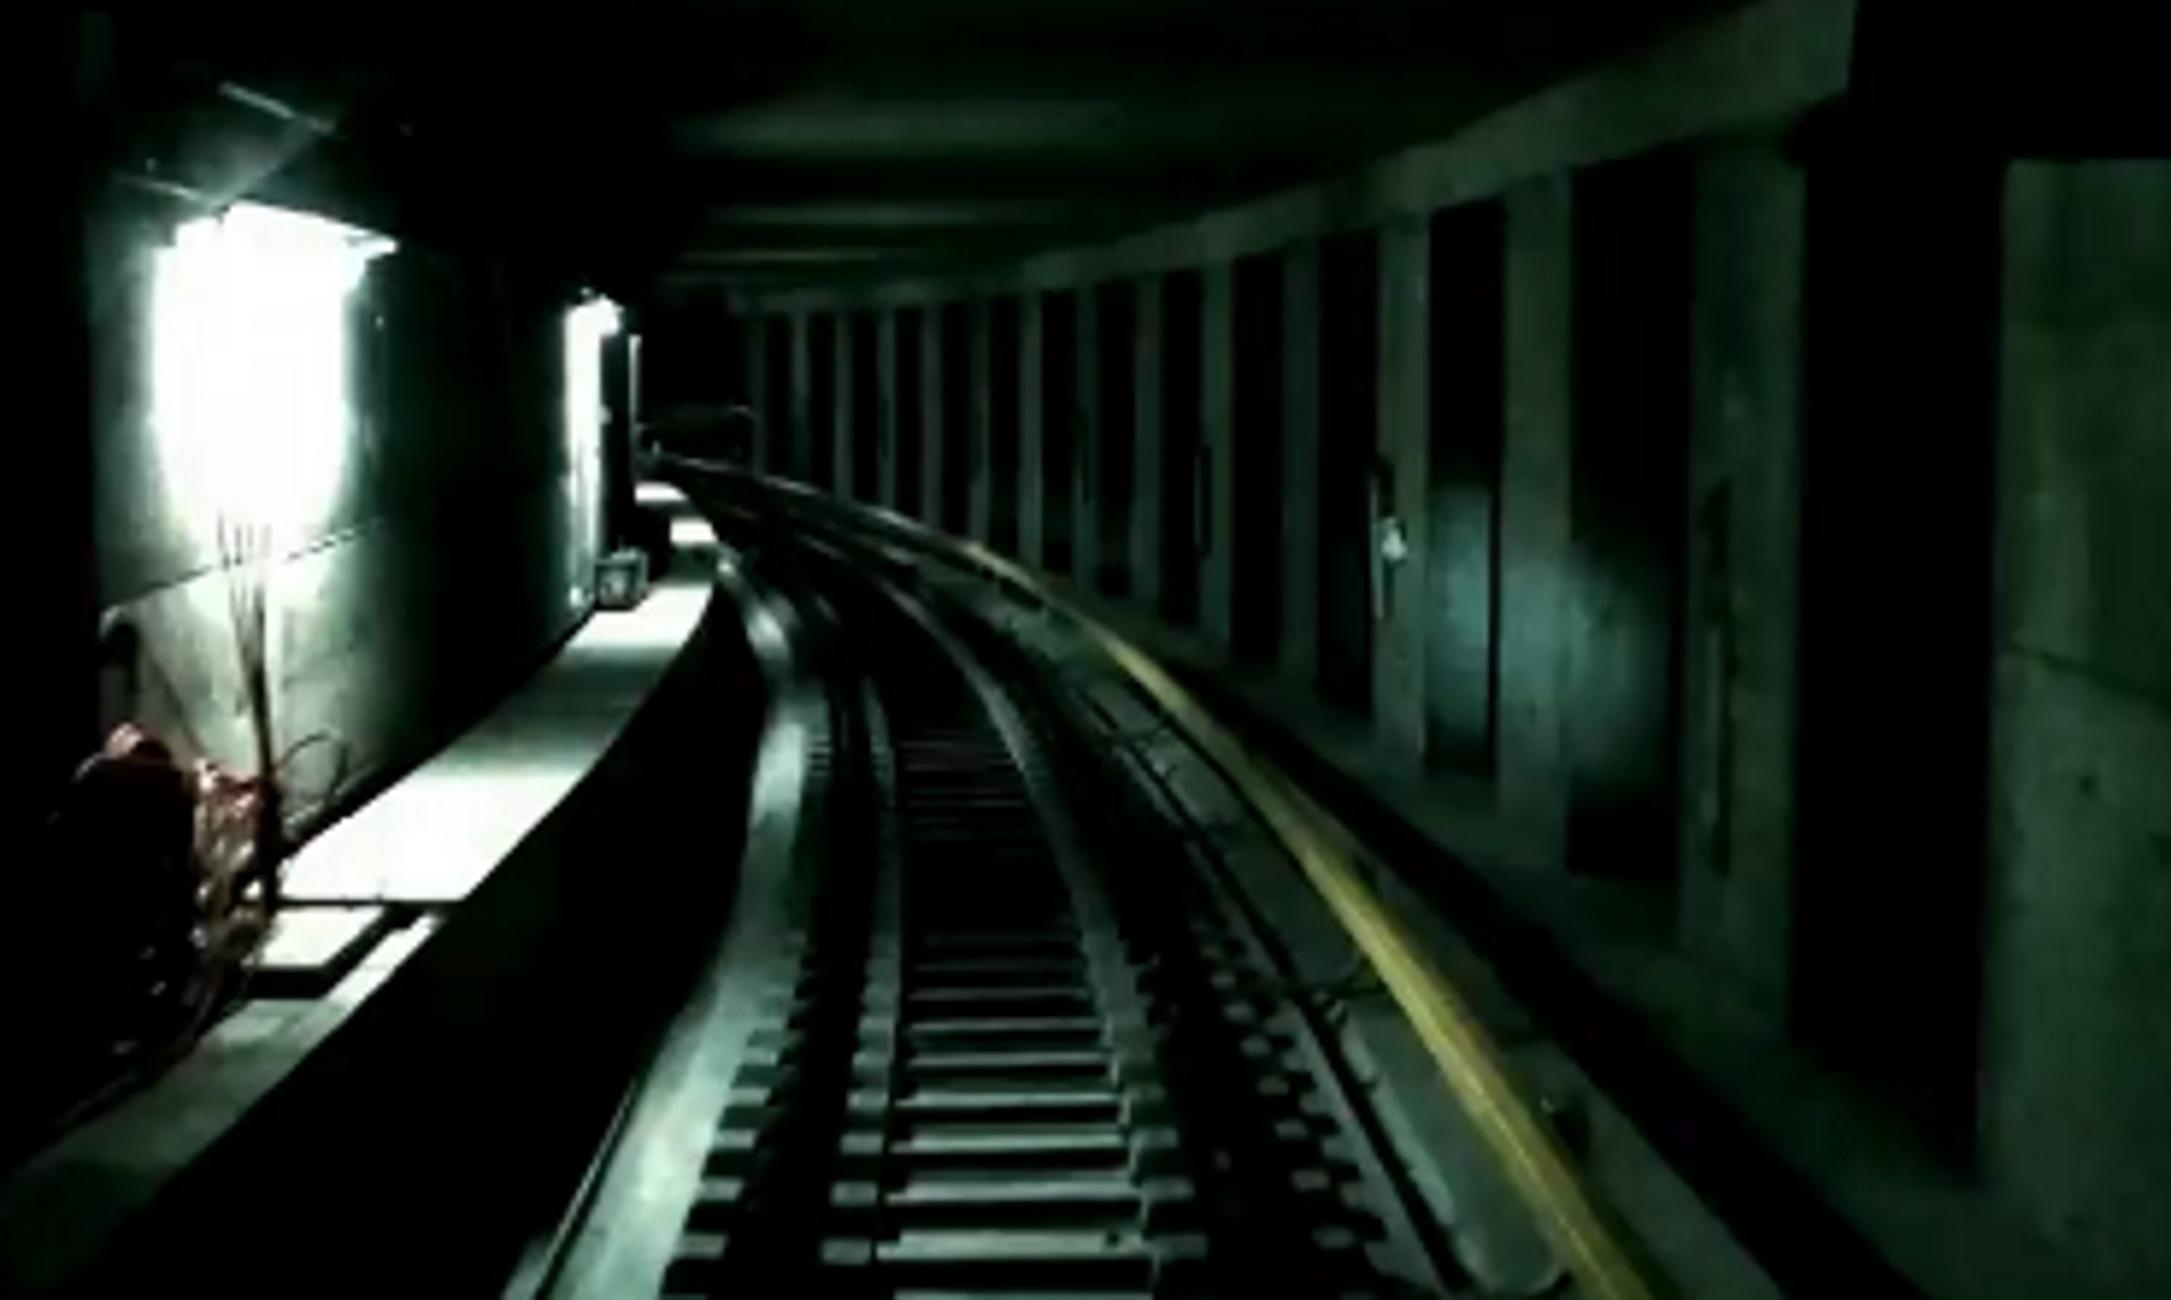 Μετρό Θεσσαλονίκης: Μέσα στα πρώτα δοκιμαστικά δρομολόγια – «Κάτι τρέχει στα έγκατα της πόλης»